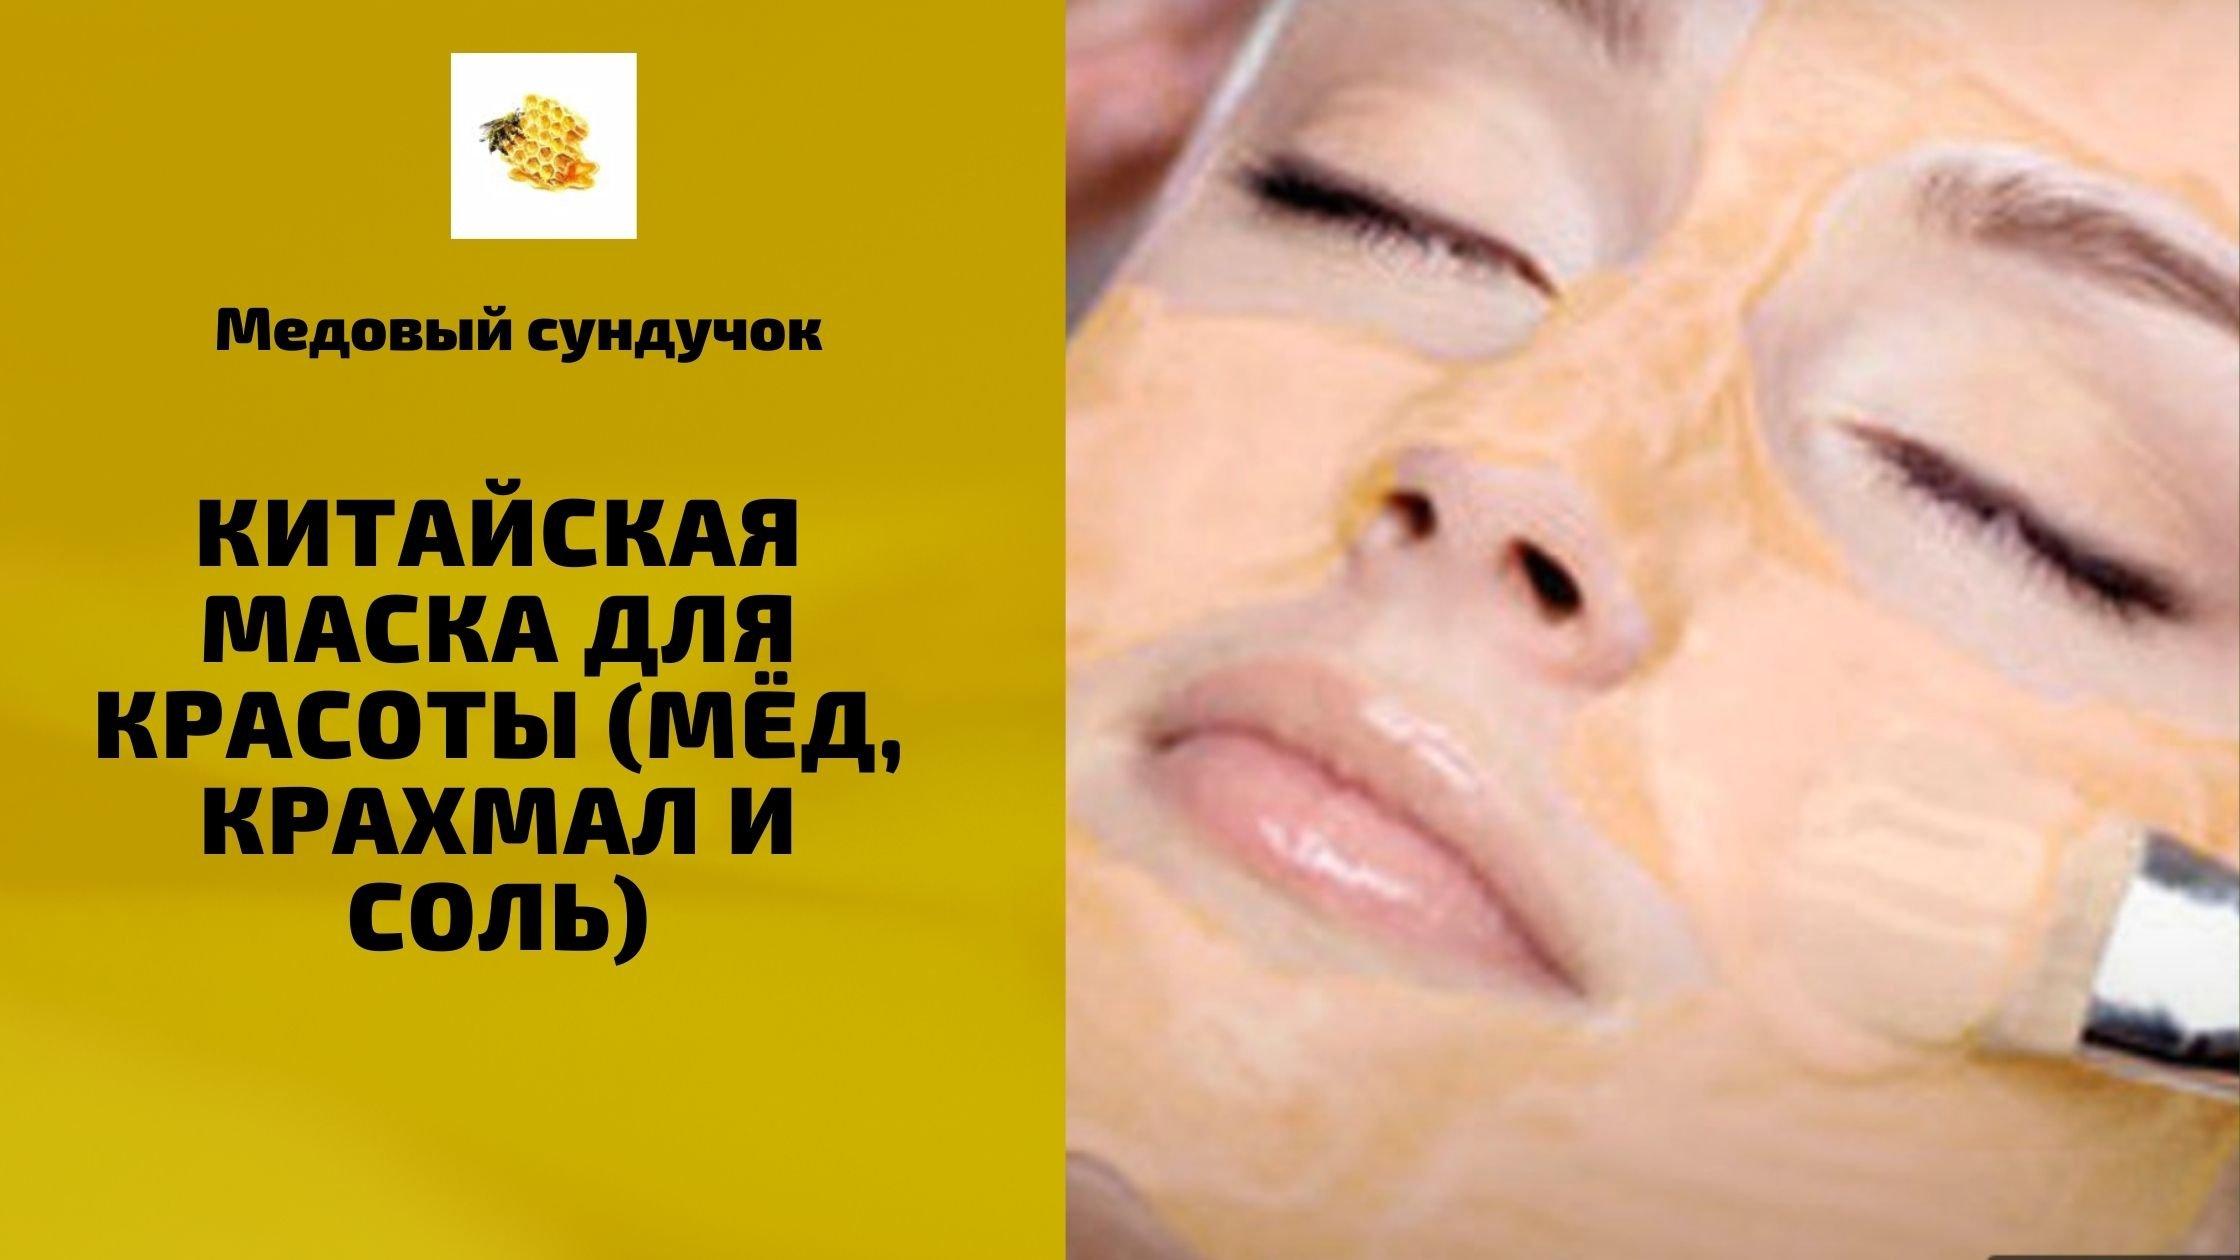 Китайская маска для красоты (мёд, крахмал и соль)